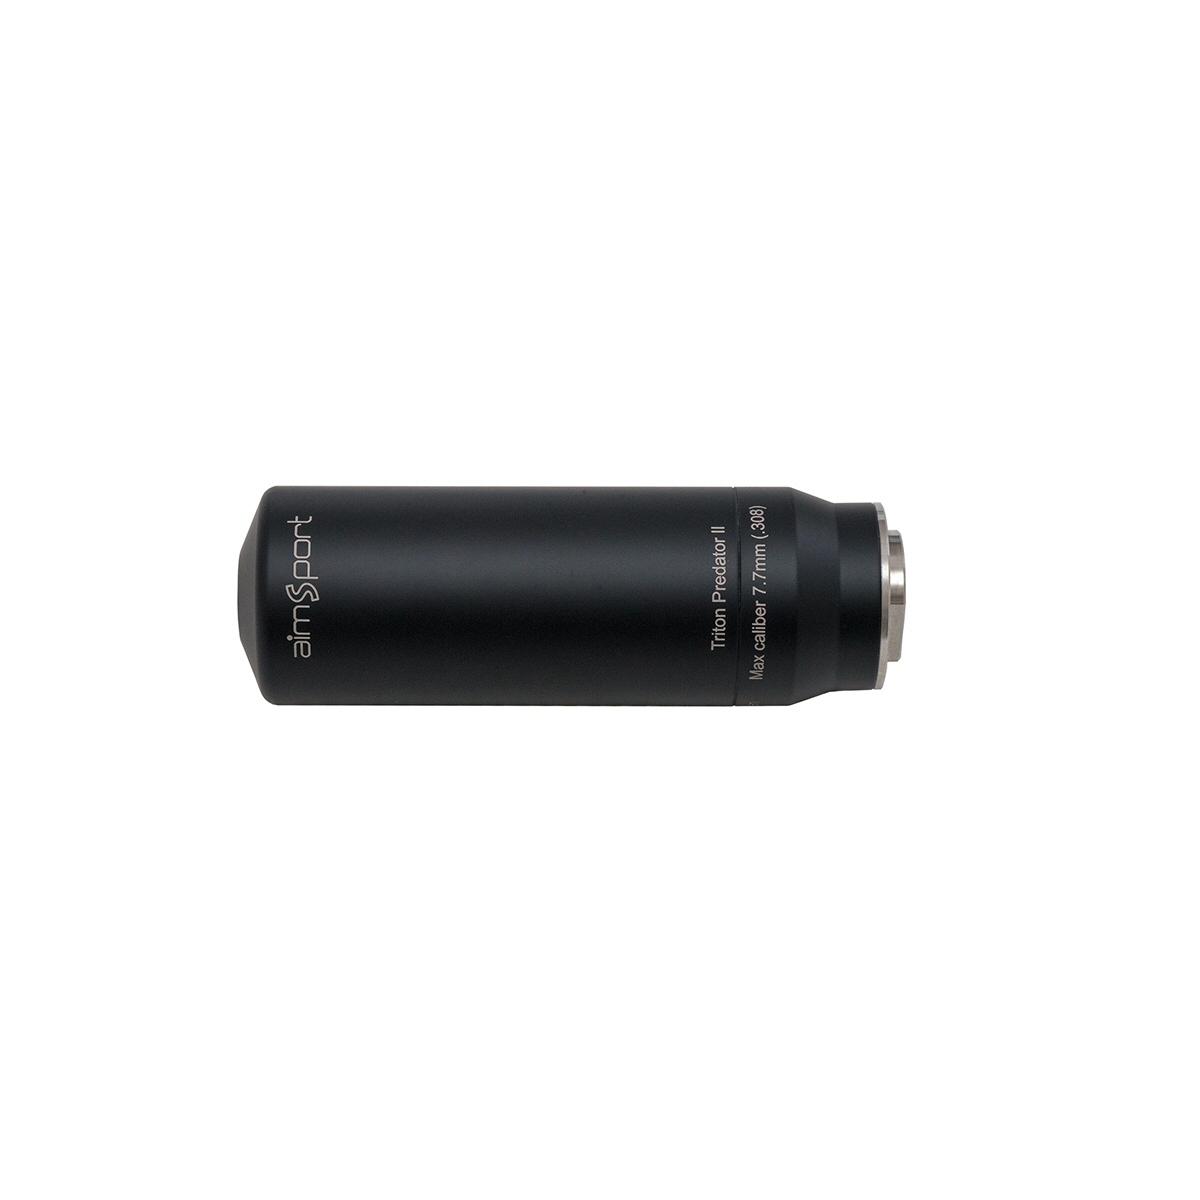 AimSport Triton Predator Muzzle Forward Suppressor 7.7mm 5/8×24